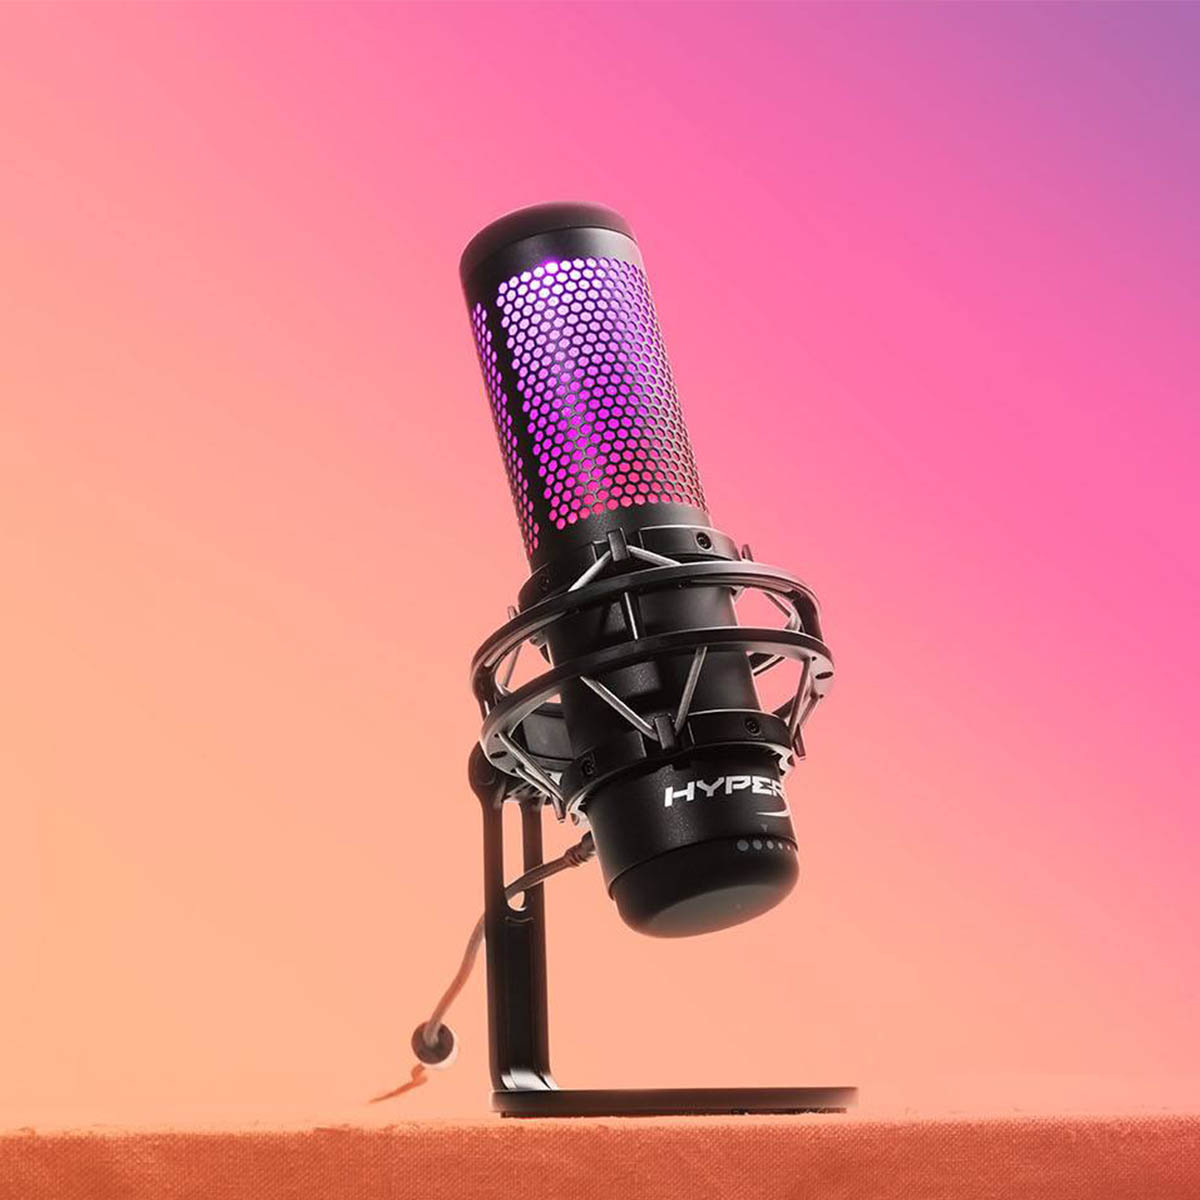 Топ Лучшие игровые микрофоны